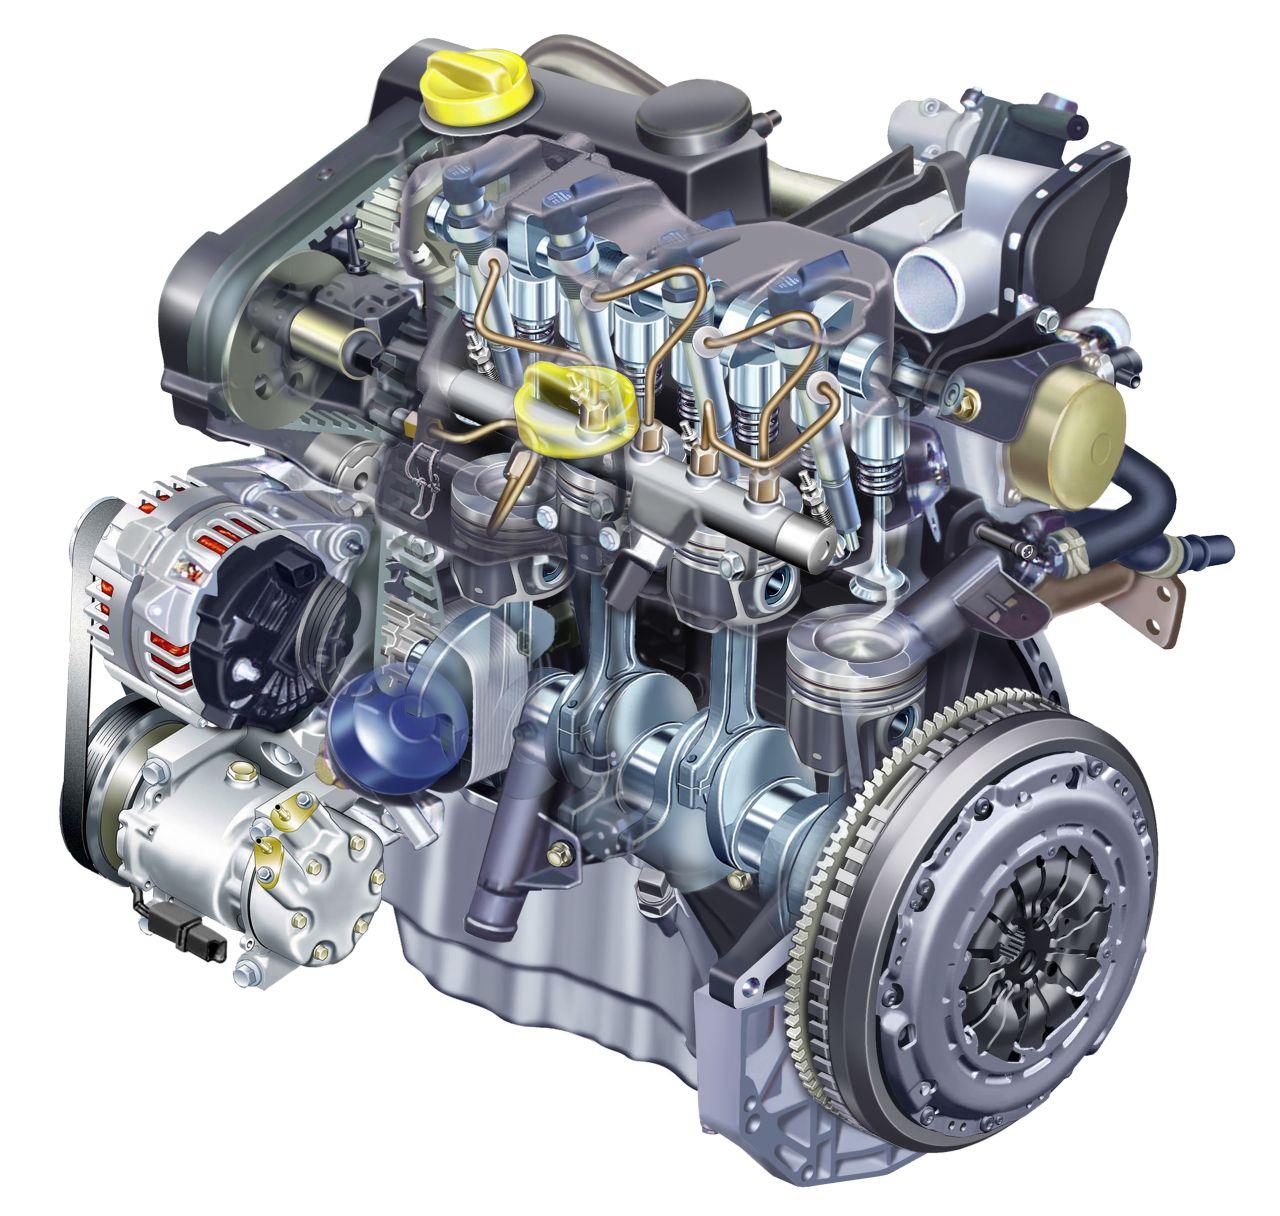 grand new veloz 1.3 2016 avanza vs revista coche motores renault